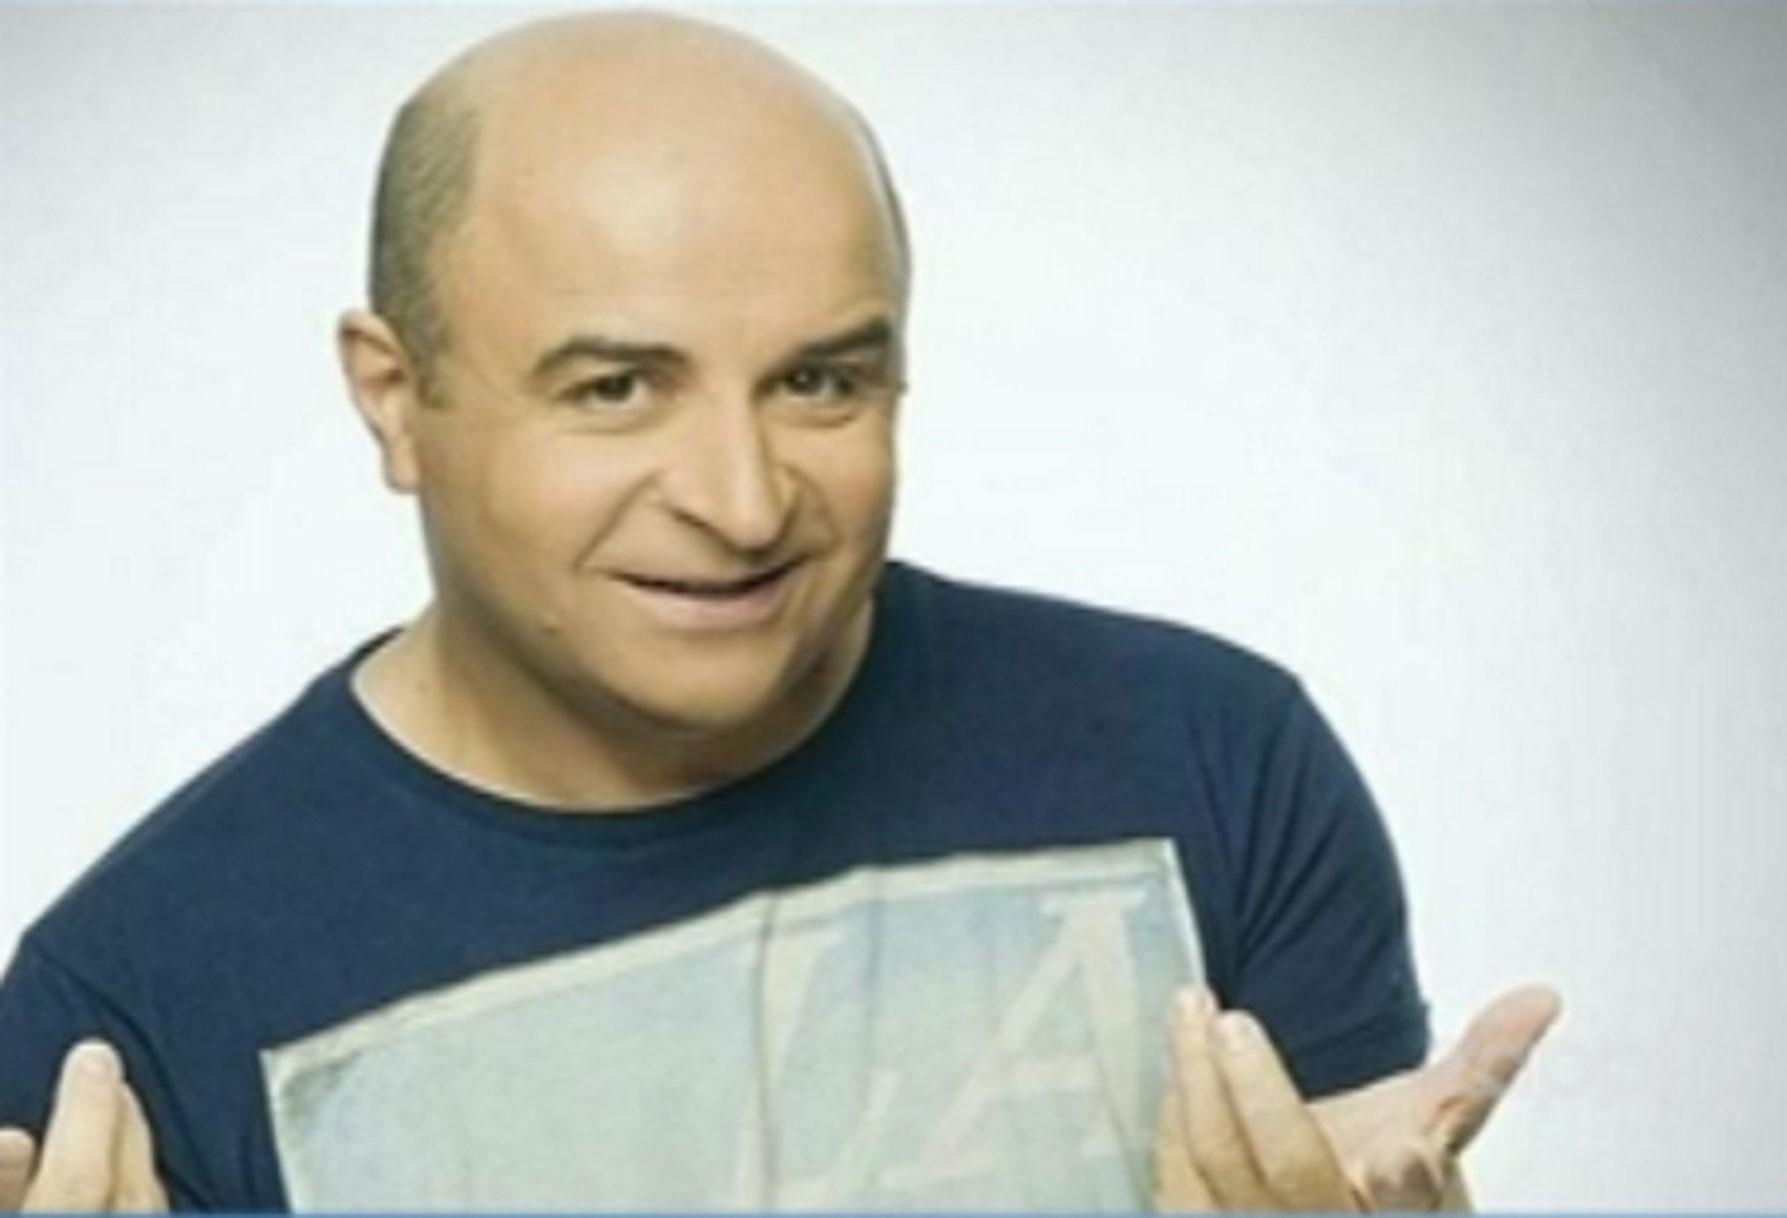 Τι γίνεται με τον Σεφερλή και τον ΑΝΤ1 | Newsit.gr